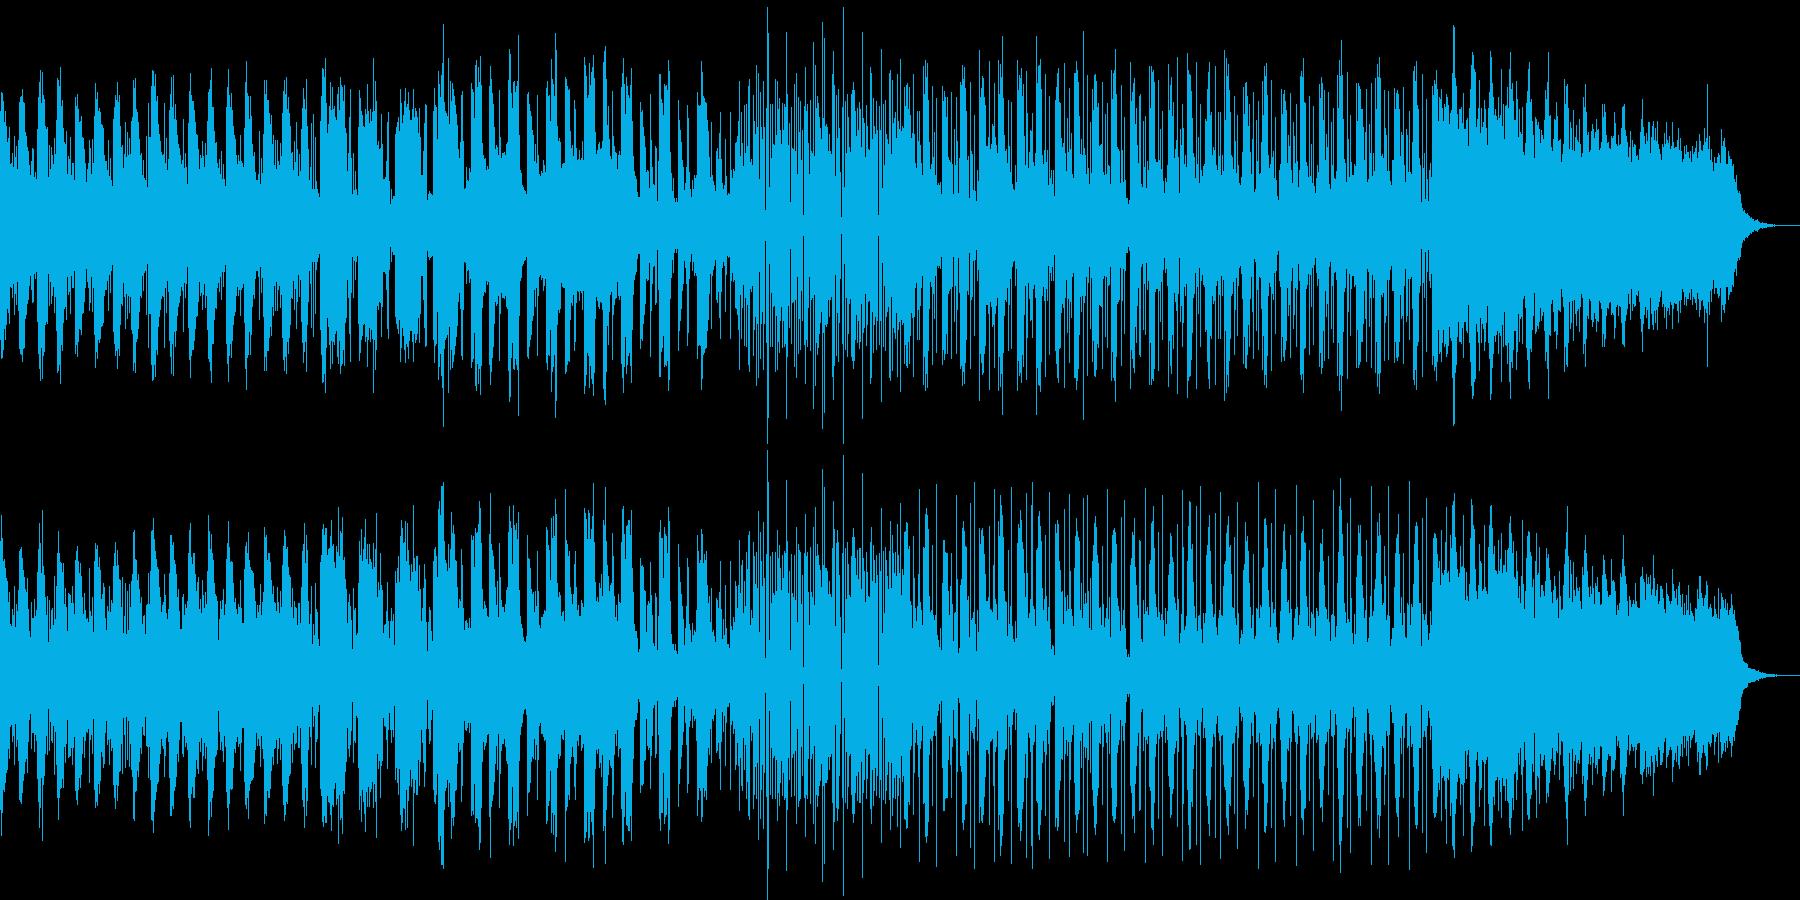 表情を変えていくフューチャーアンビエントの再生済みの波形